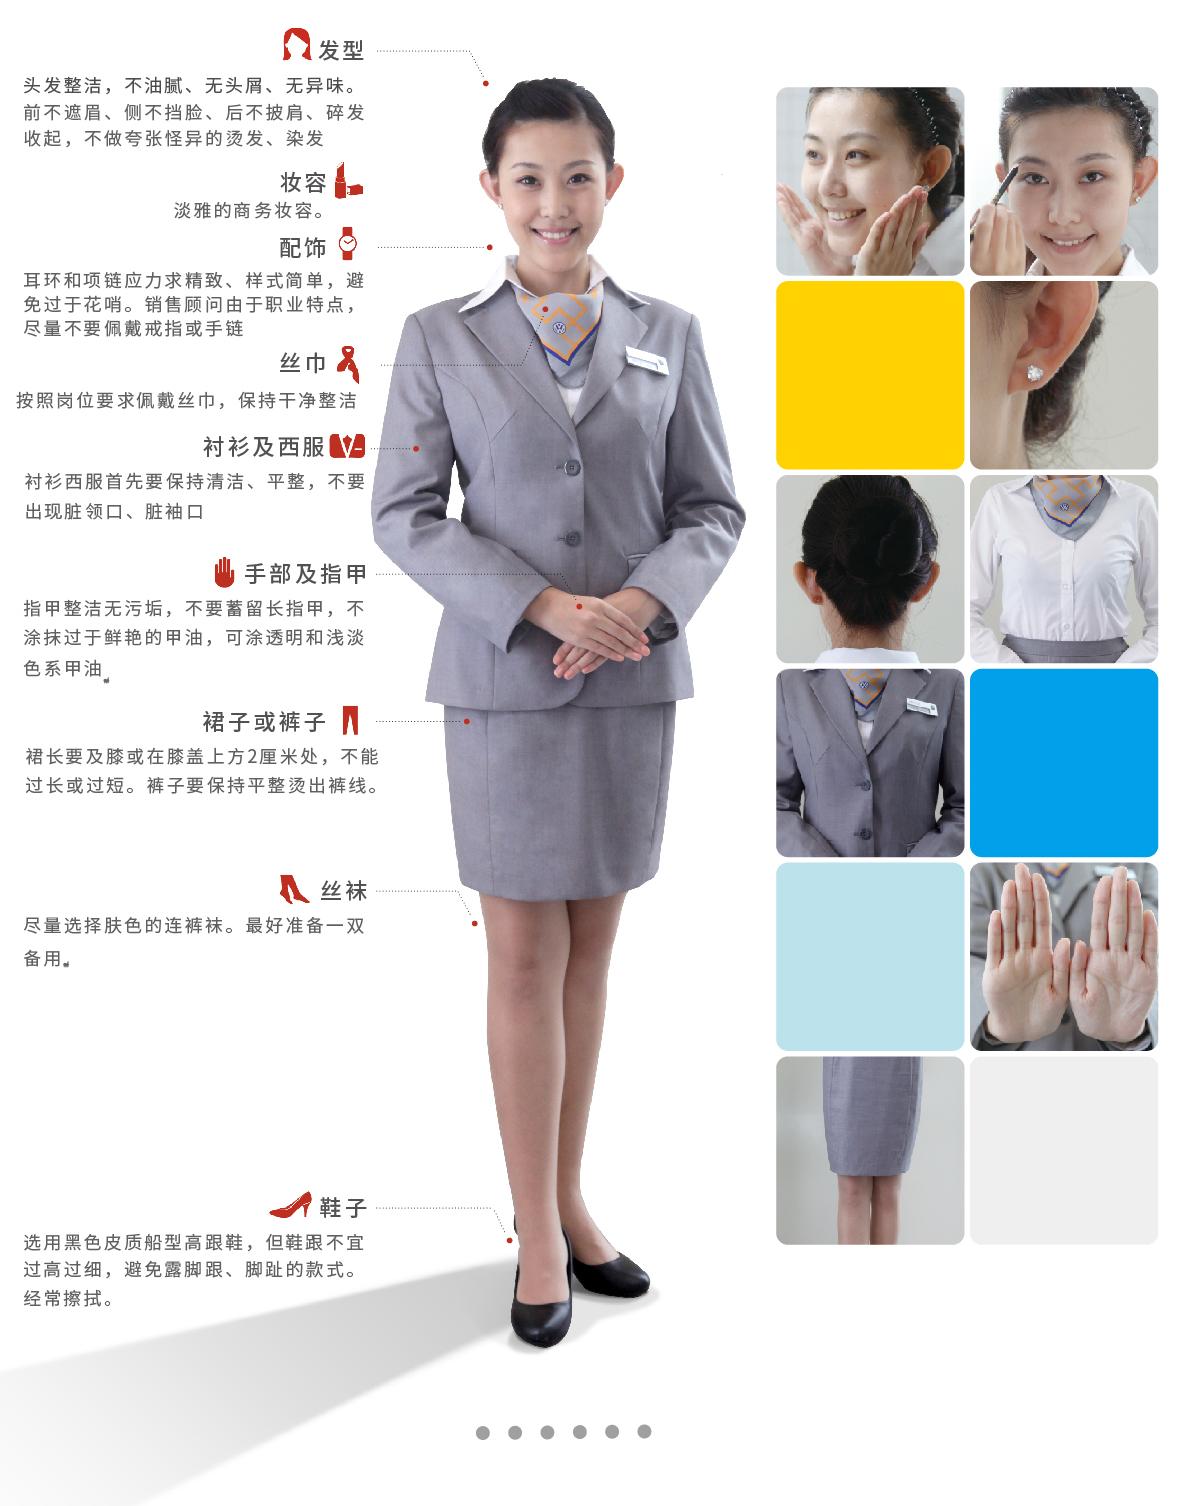 女性销售顾问标准形象礼仪图示